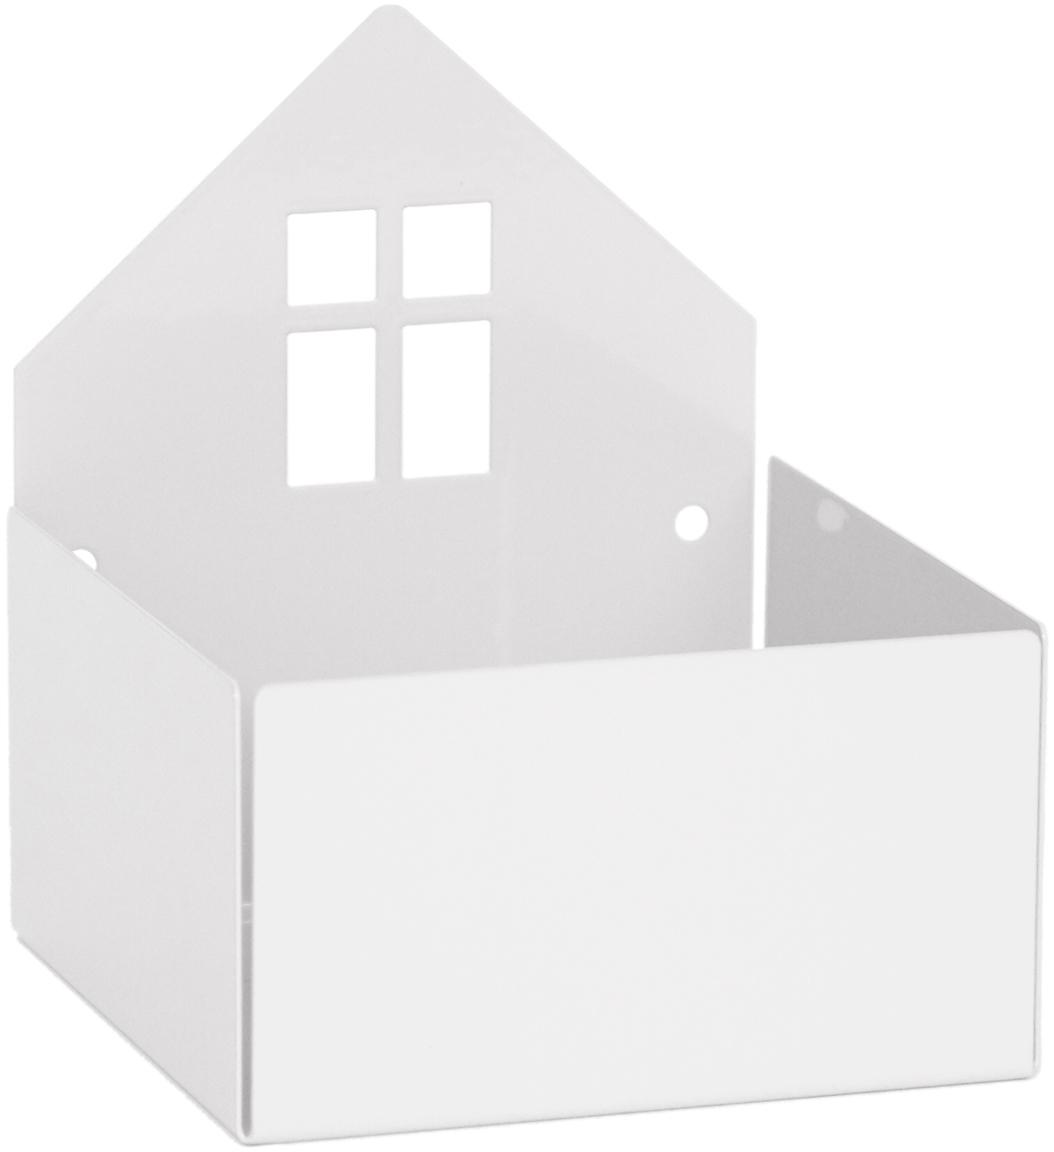 Aufbewahrungsbox Town House, Metall, pulverbeschichtet, Weiß, 11 x 13 cm